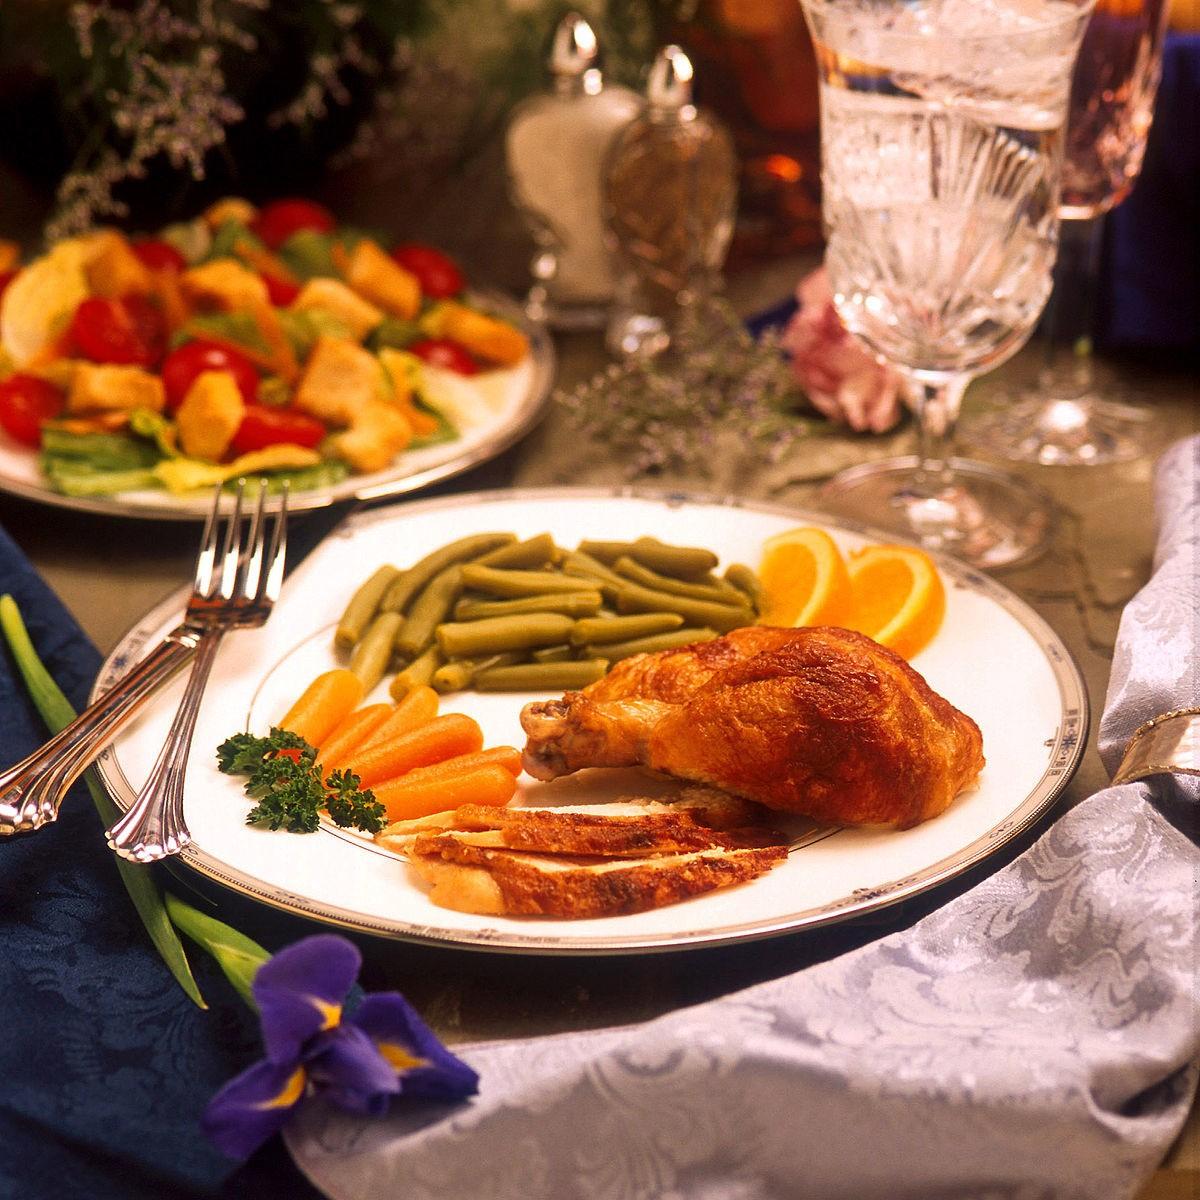 Szybki Obiad Pomysły I Przepisy Na Szybki Obiad Z Makaronem Z